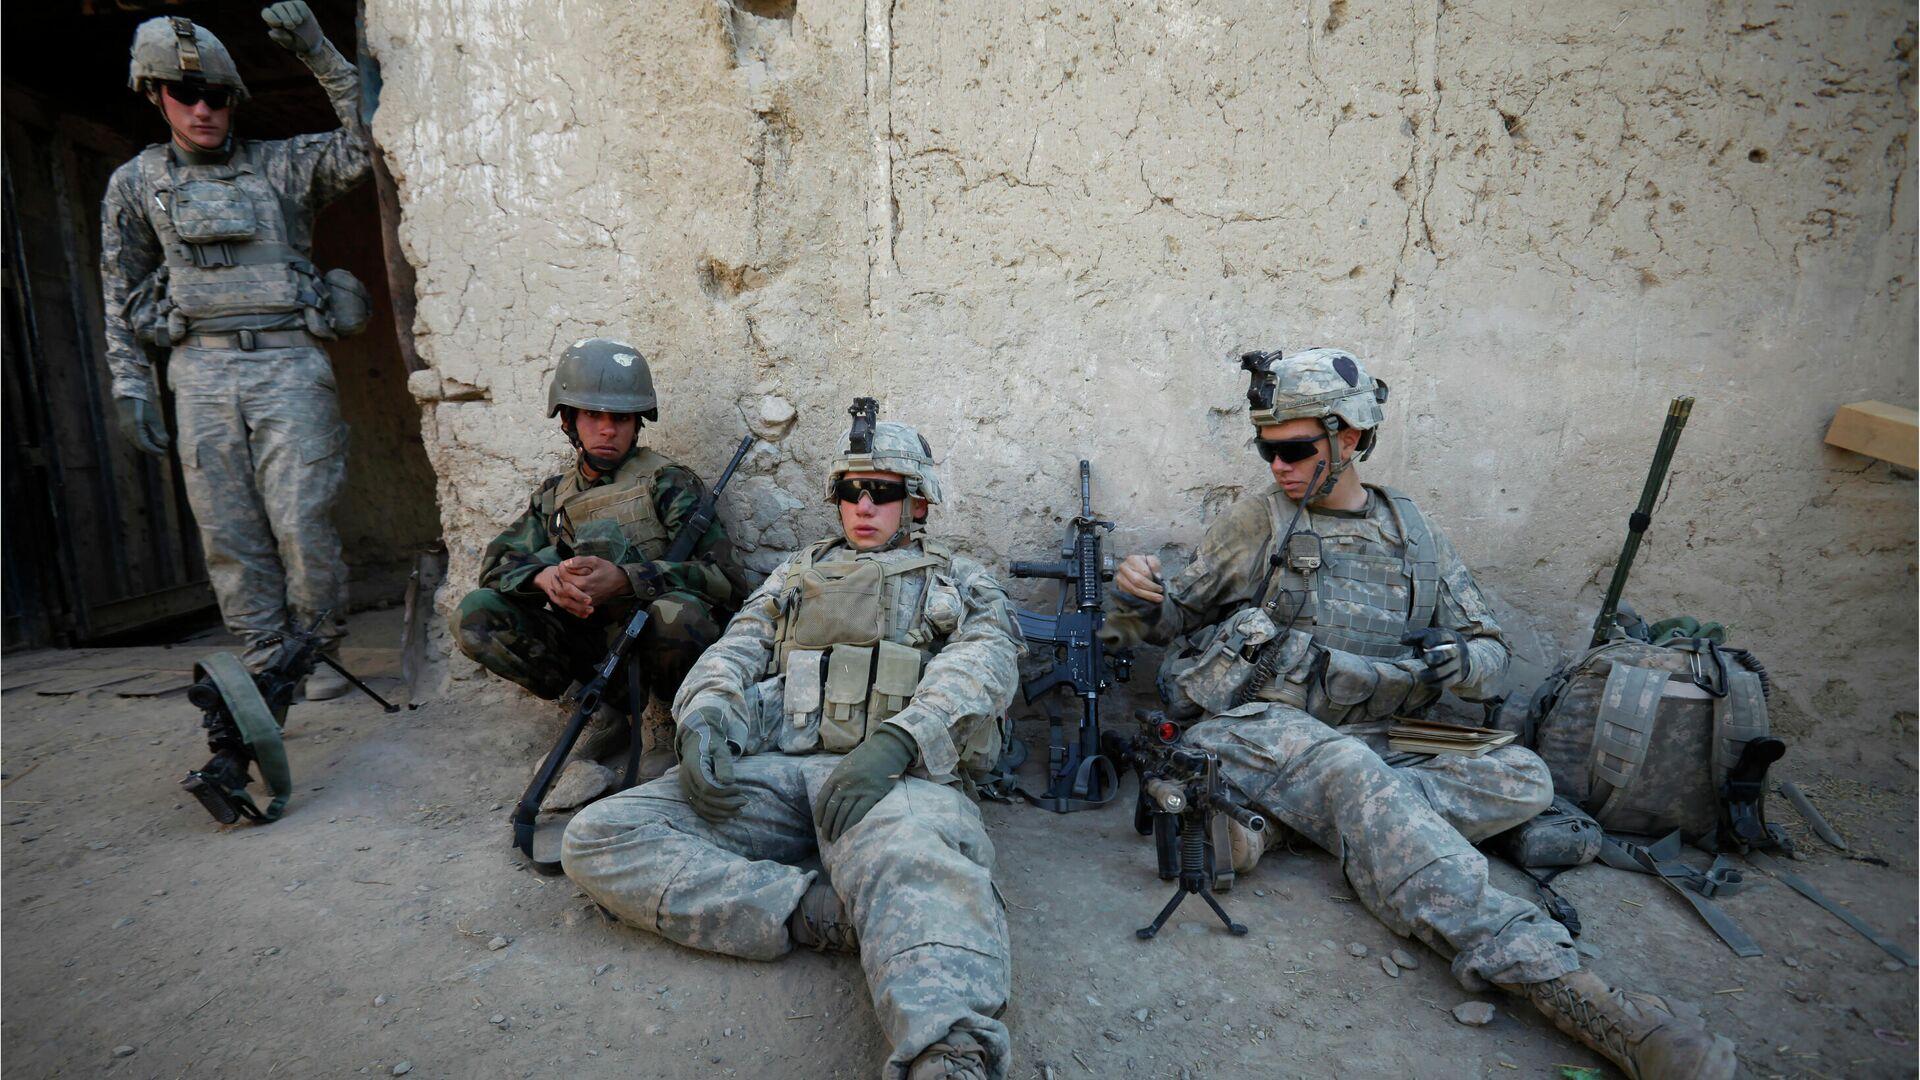 Военнослужащие США и Афганистана в провинции Кандагар в Афганистане - РИА Новости, 1920, 24.03.2021